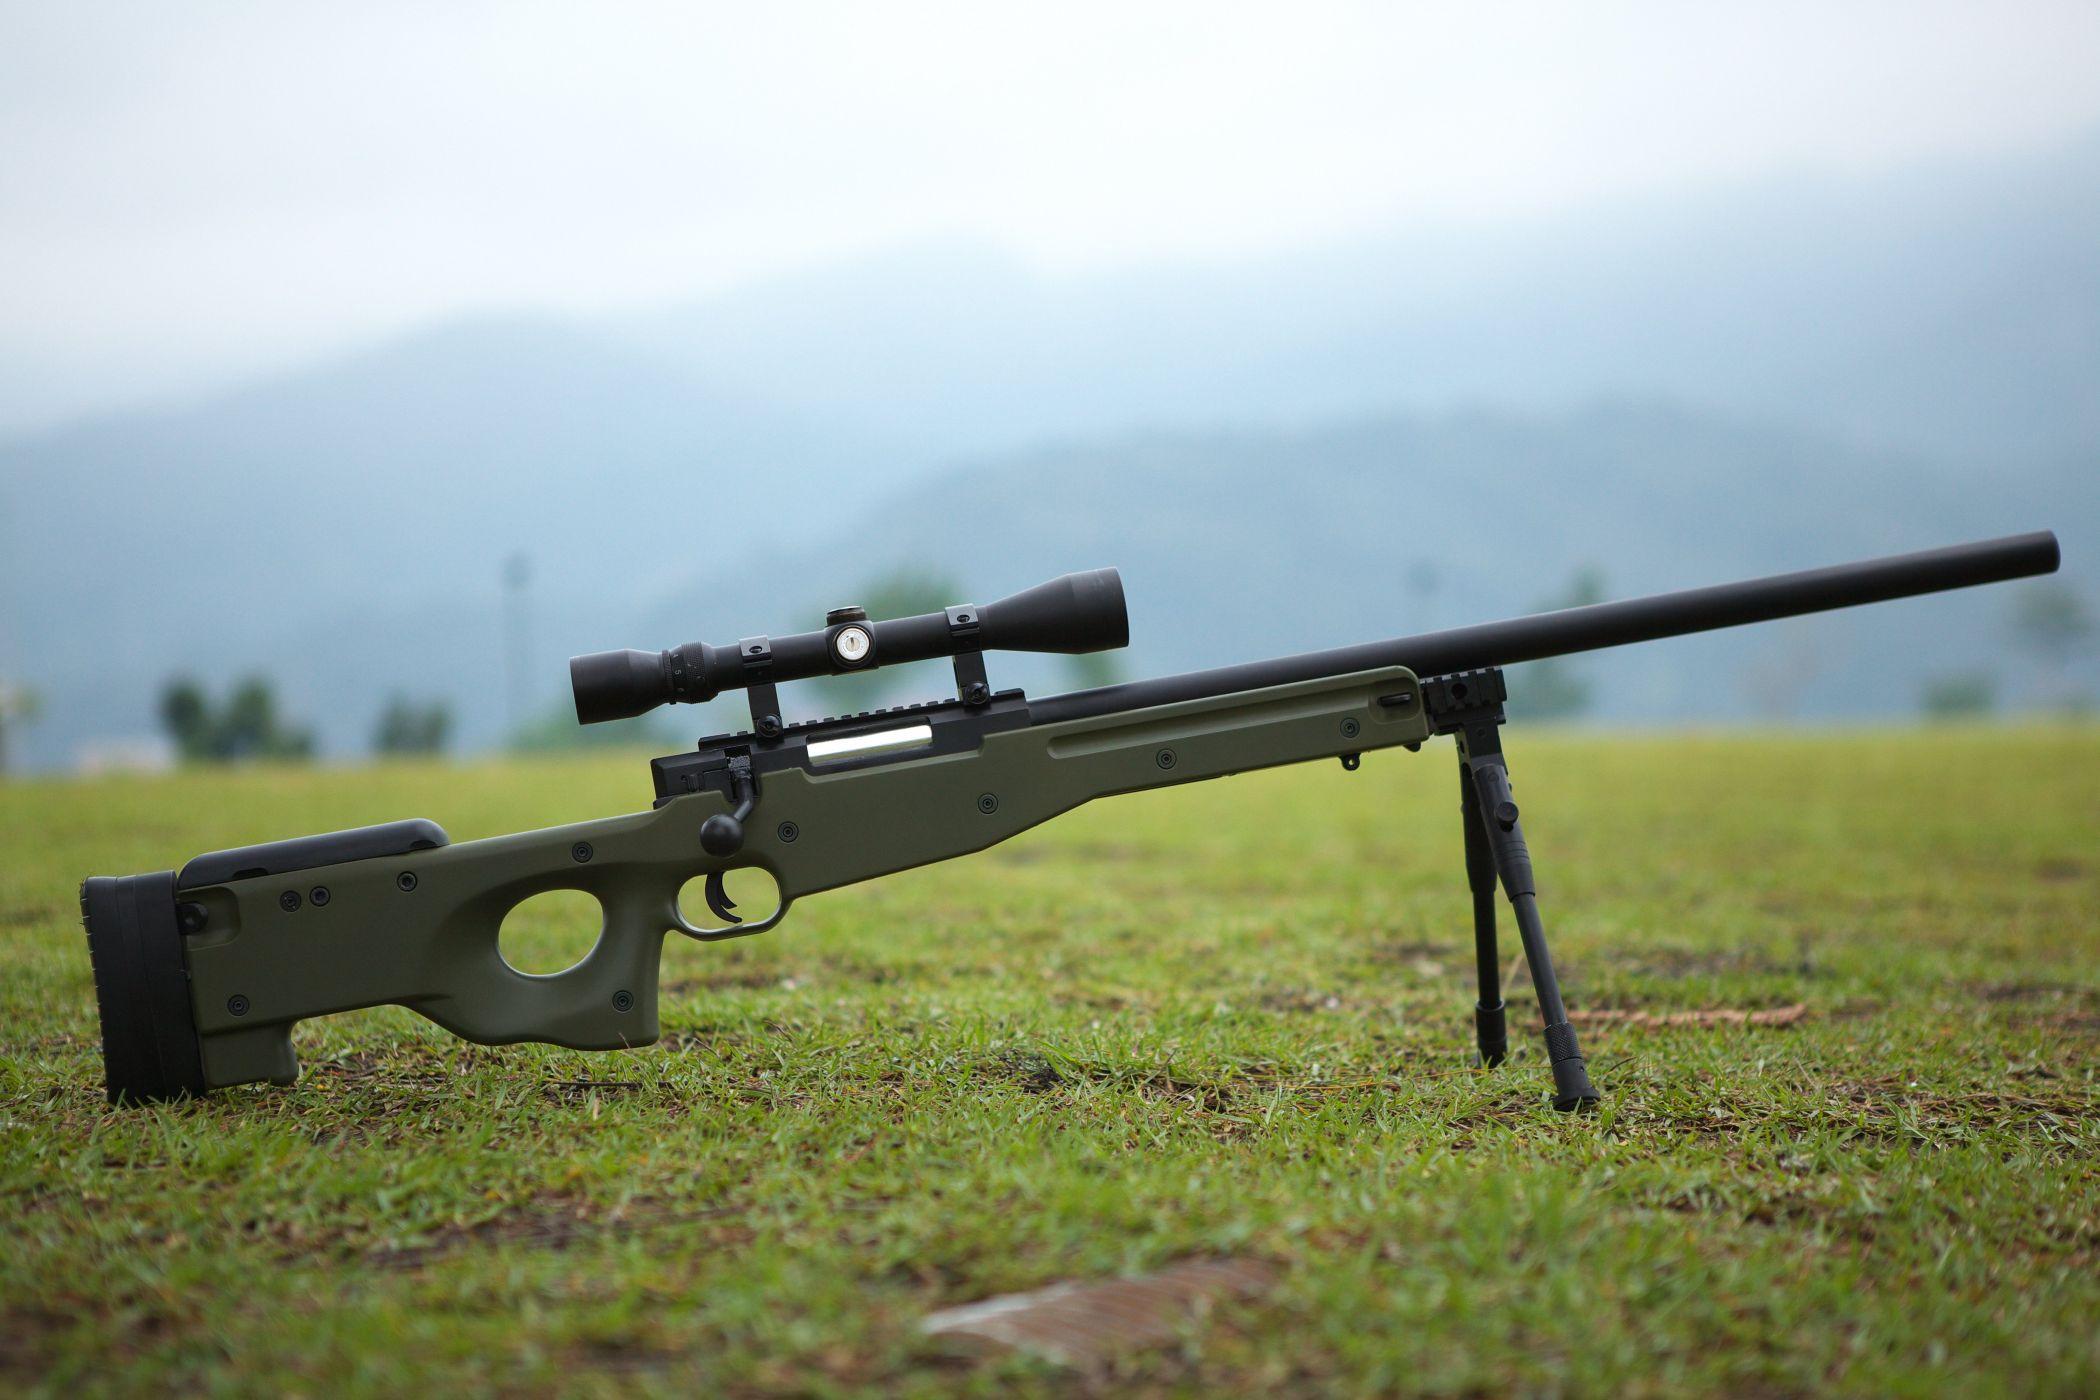 magnum sniper rifle - HD1920×1280